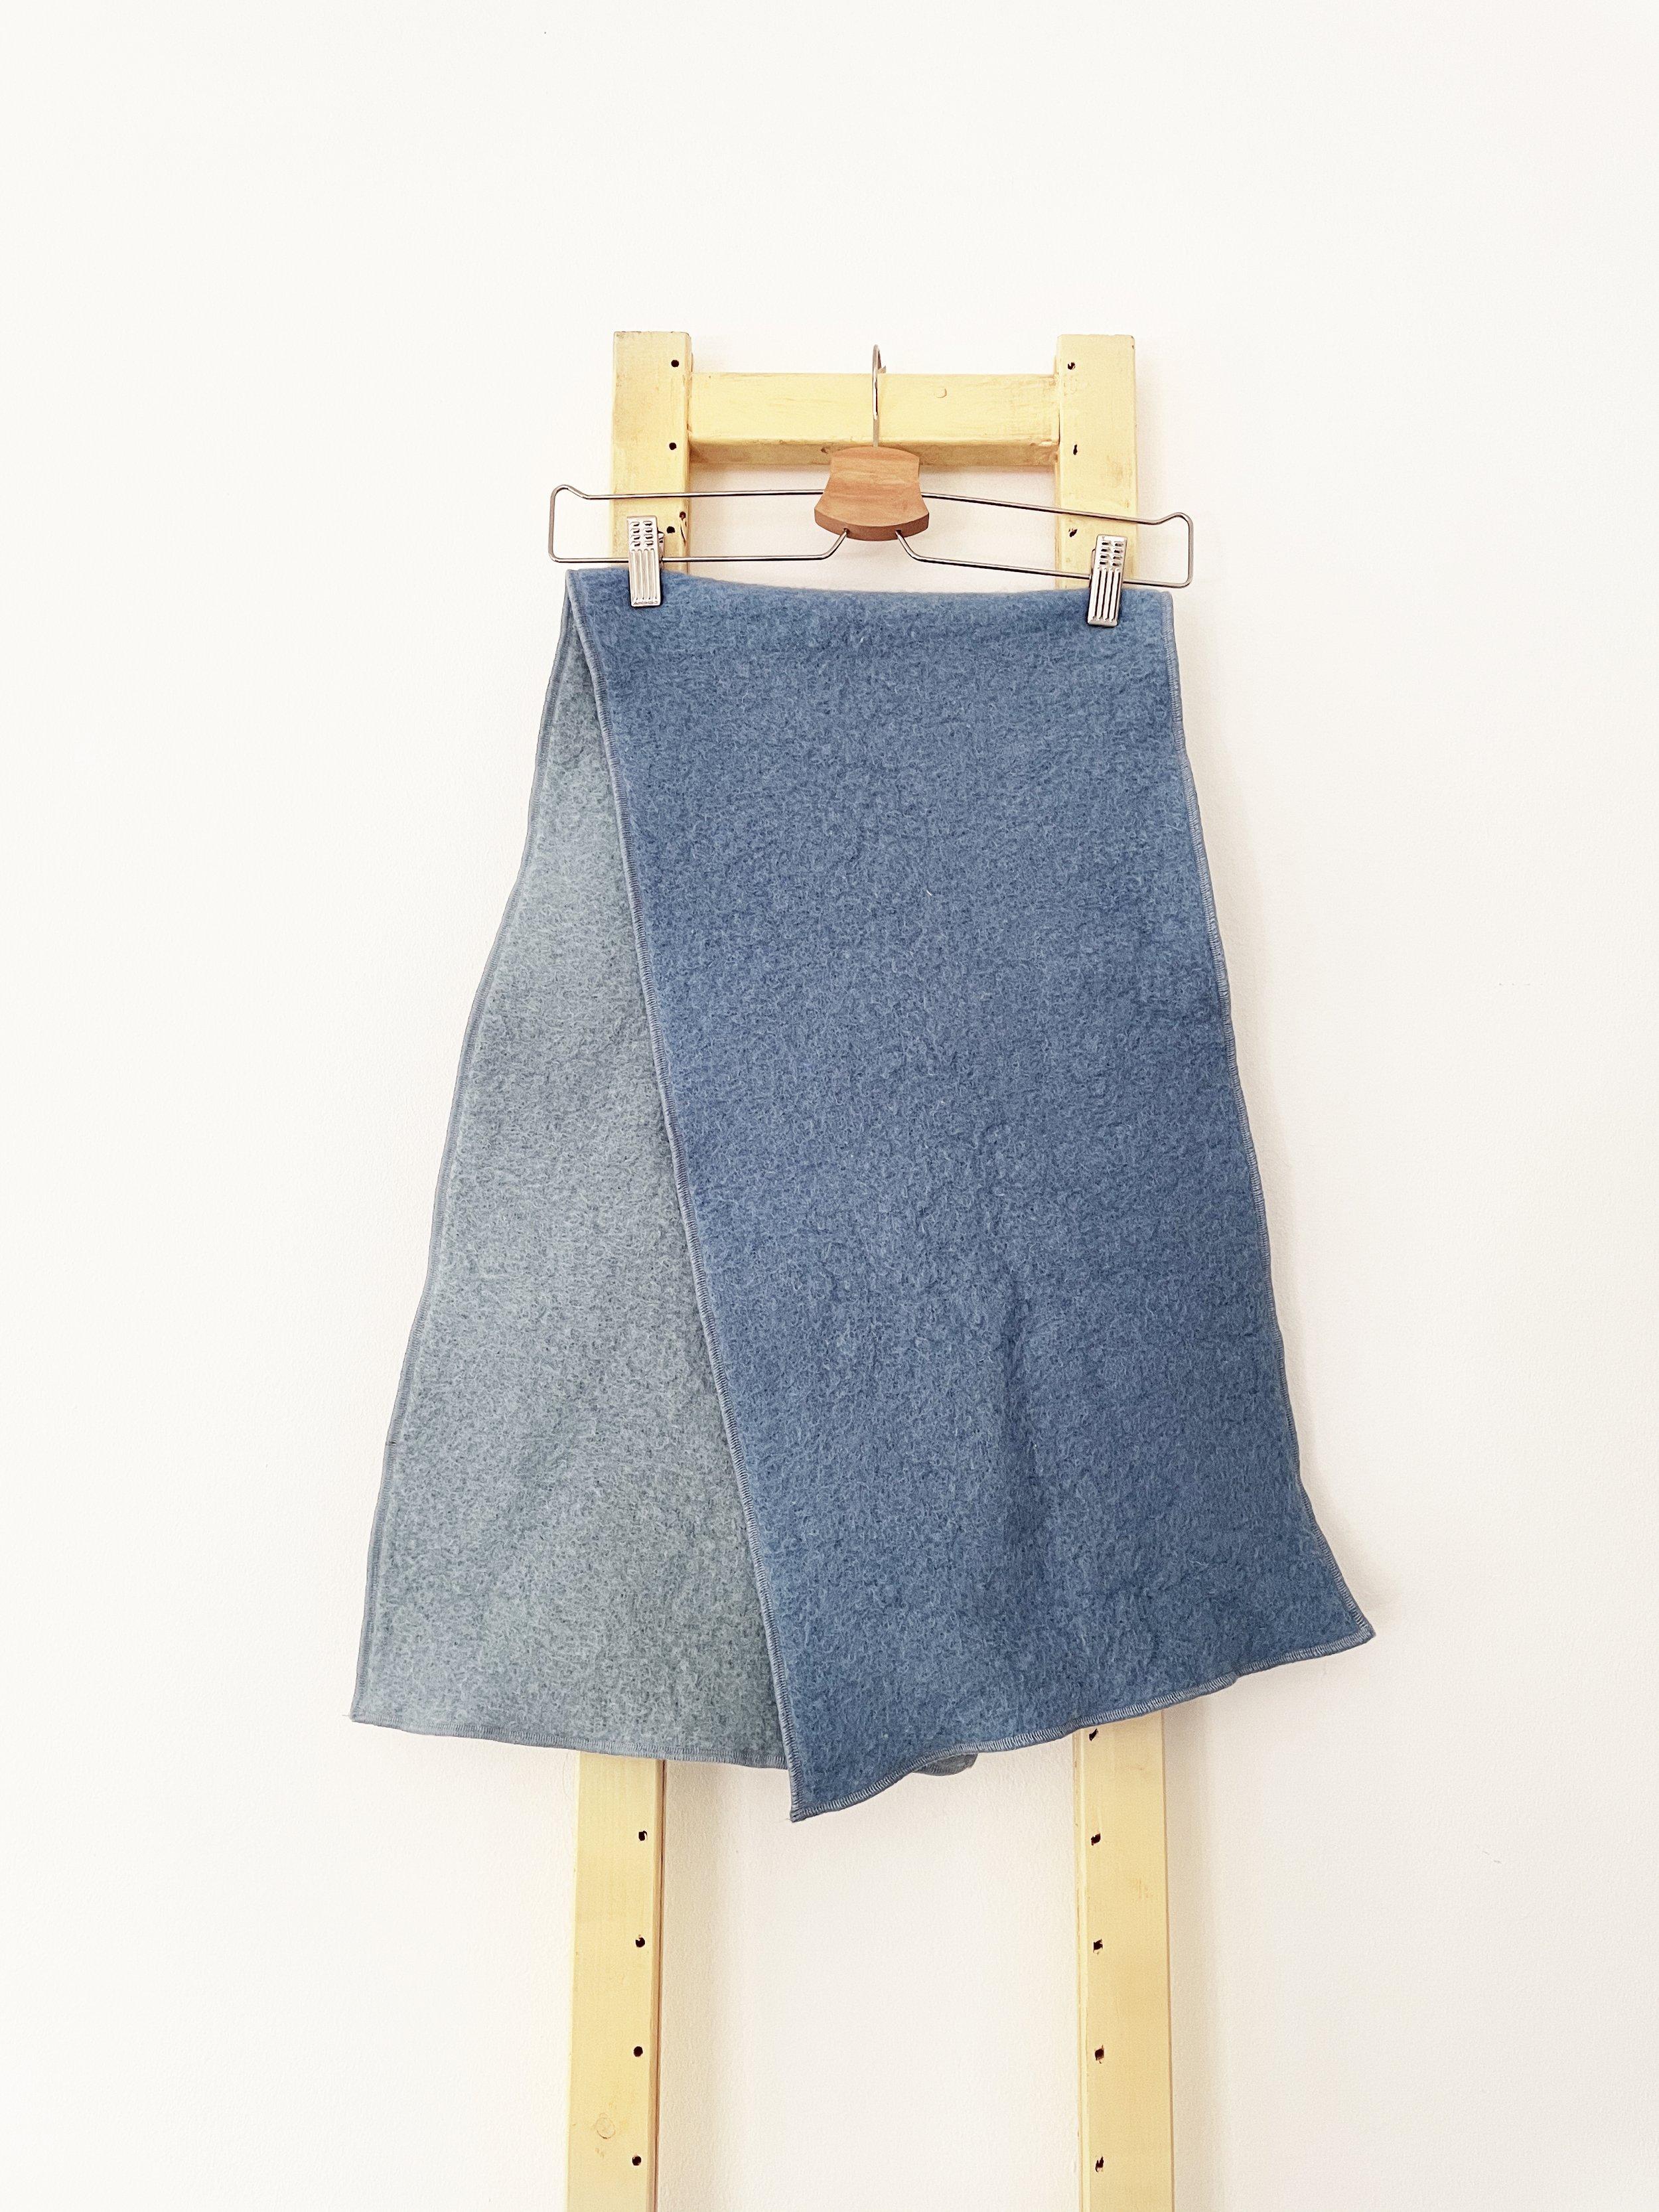 Sam Upcycled Wool Shawl